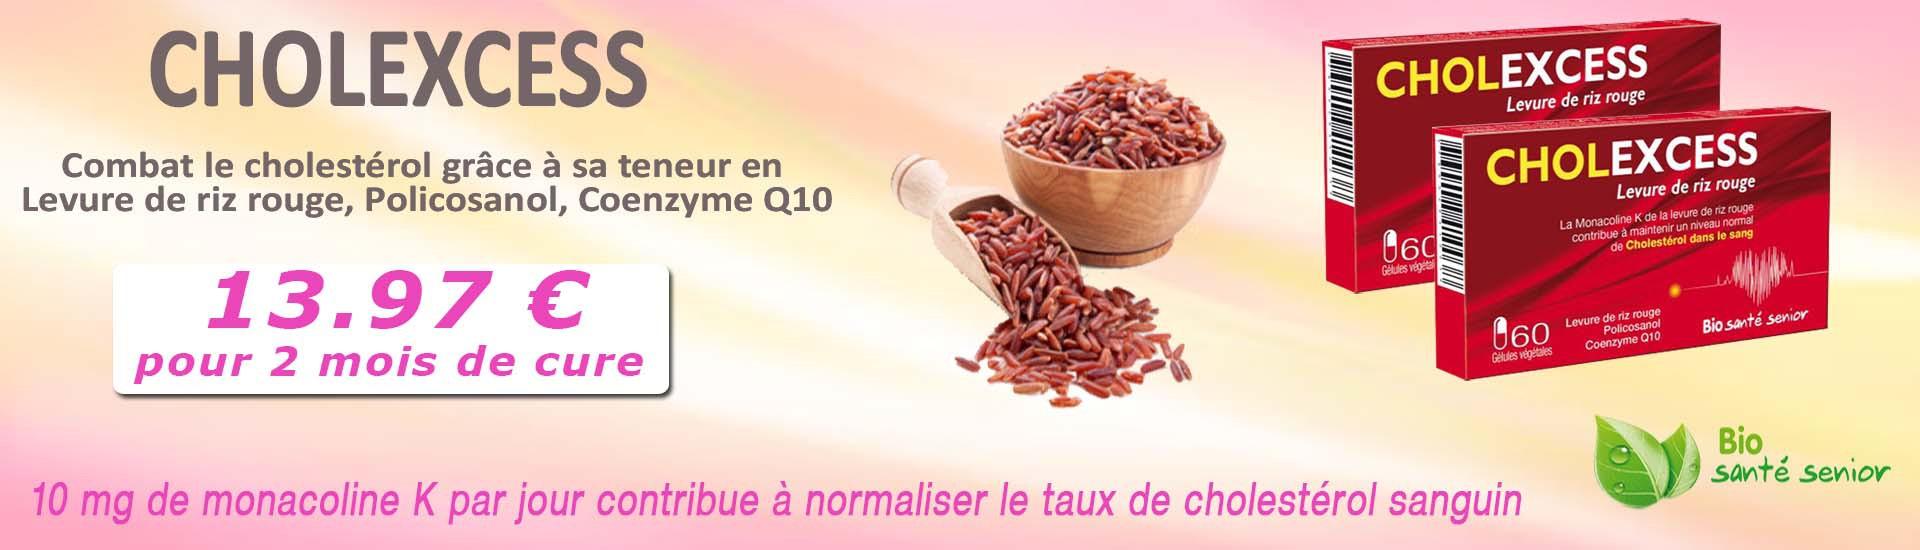 cholestérol, levure de riz rouge